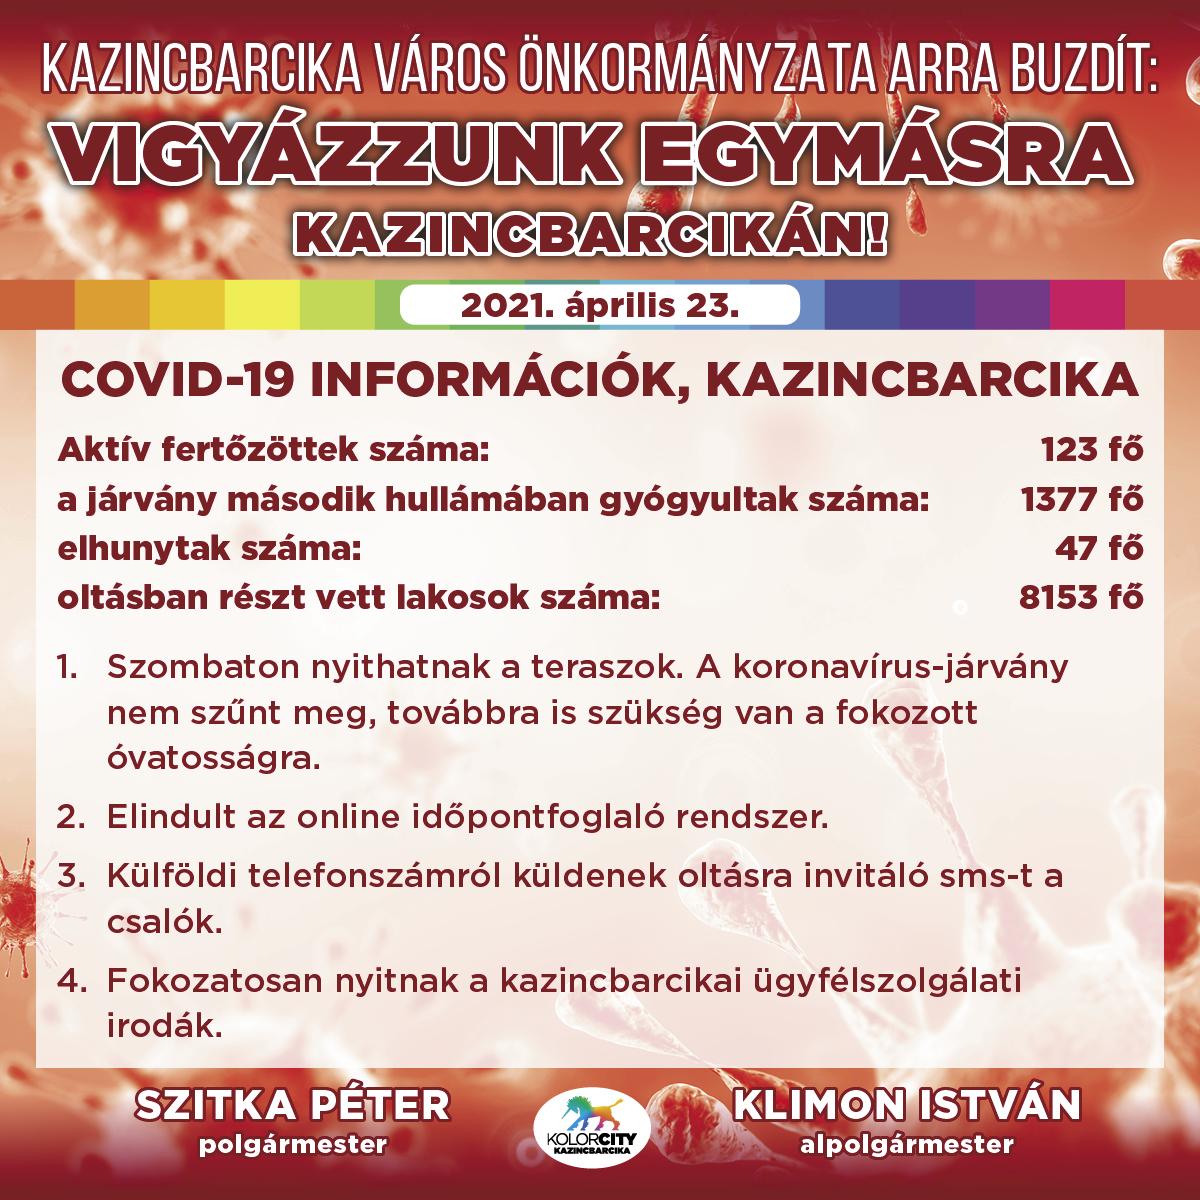 https://kolorline.hu/Vigyázzunk egymásra Kazincbarcikán! – 2021. április 23.